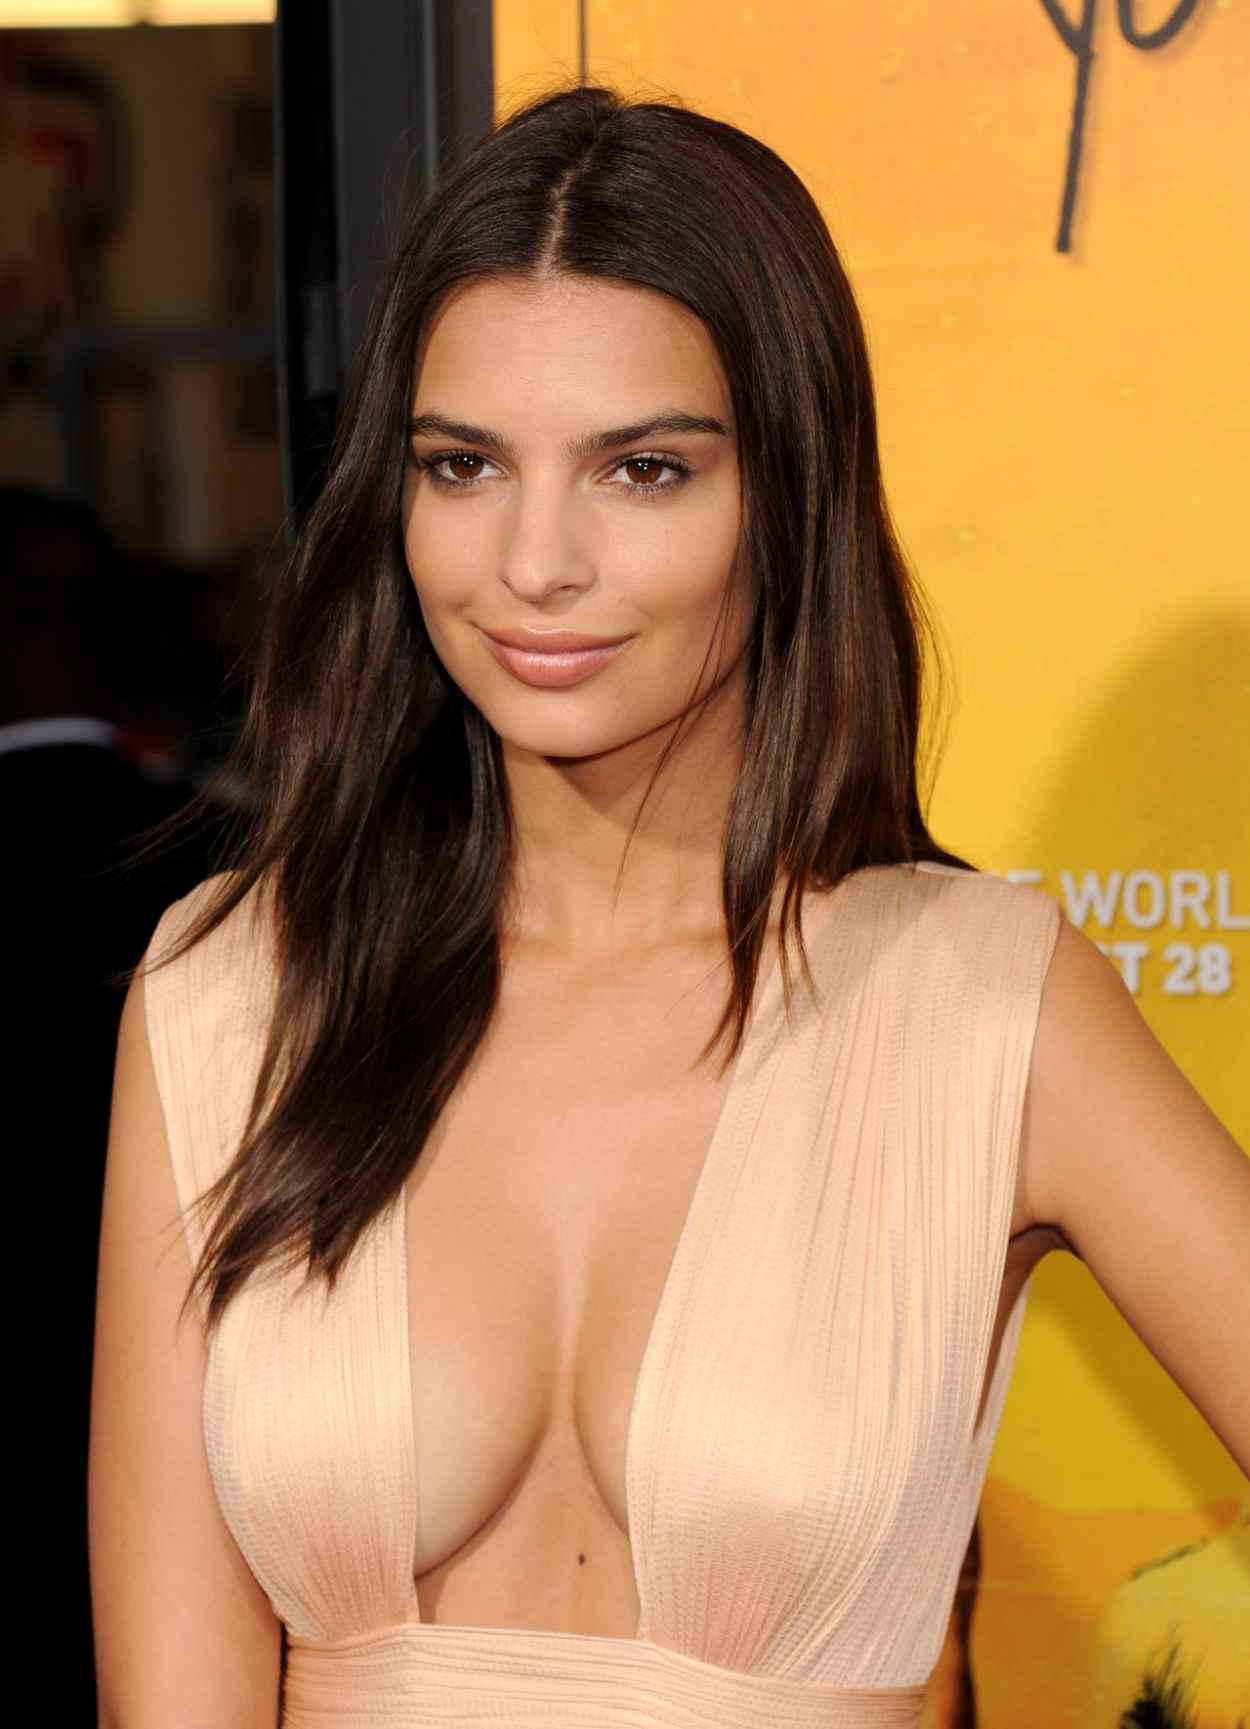 Big natural cleavage pics